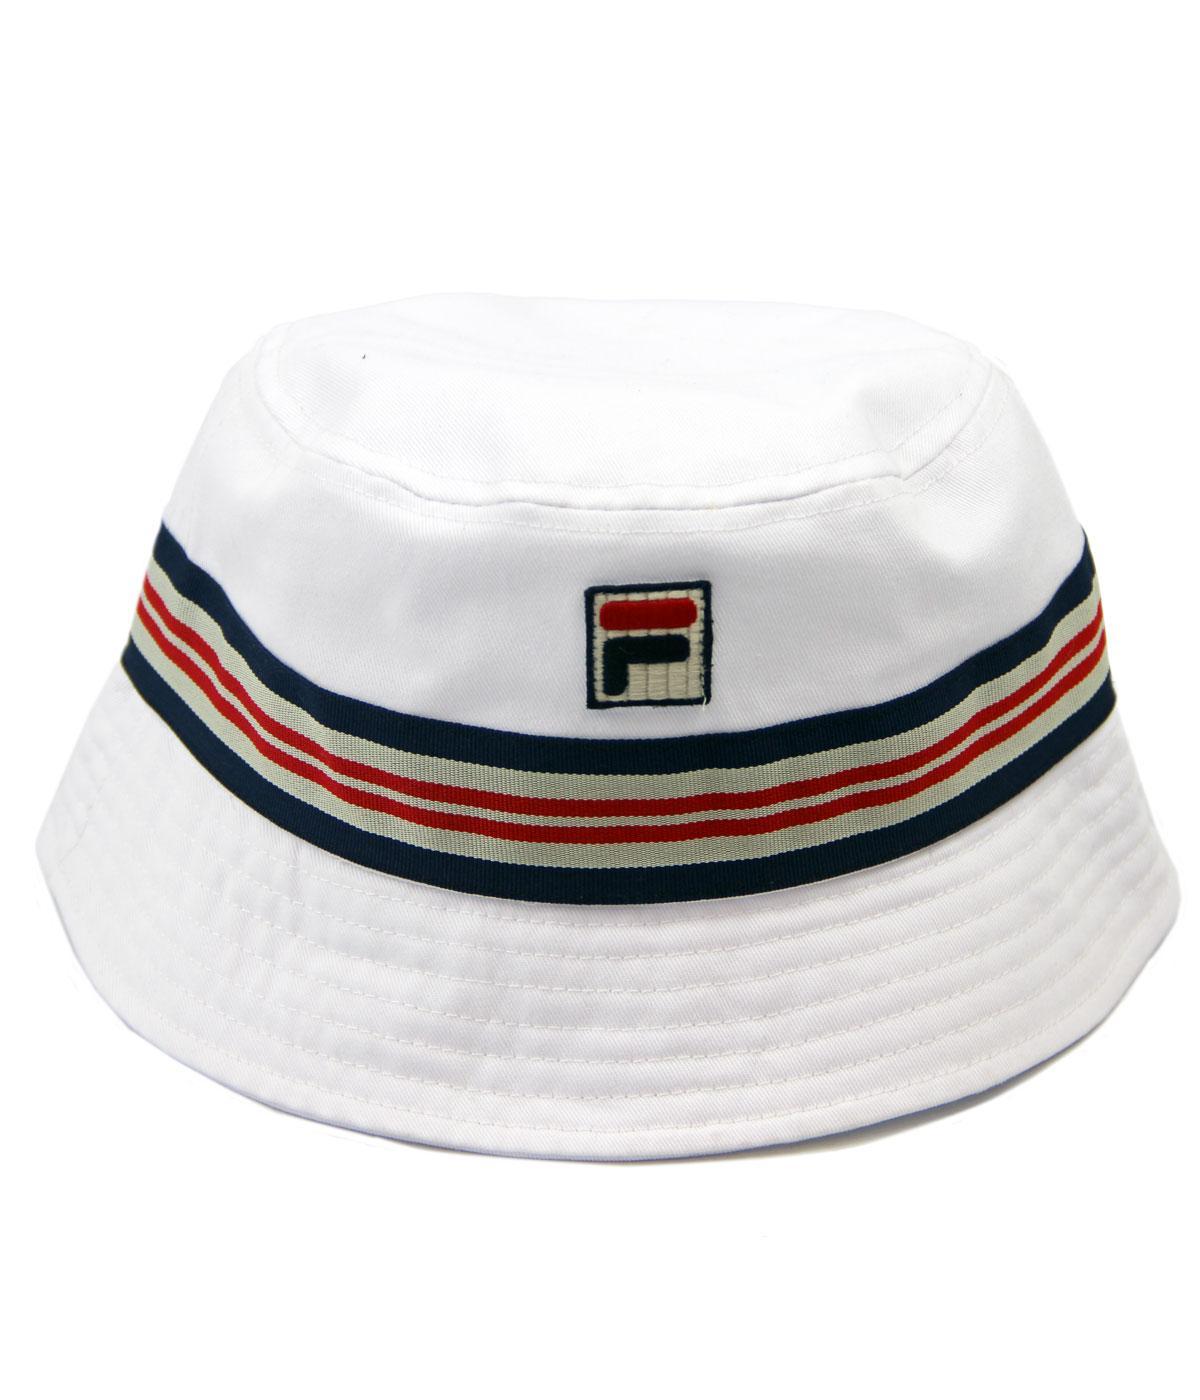 ff2345051b9 FILA VINTAGE Casper Retro Indie Britpop Stripe Bucket Hat White